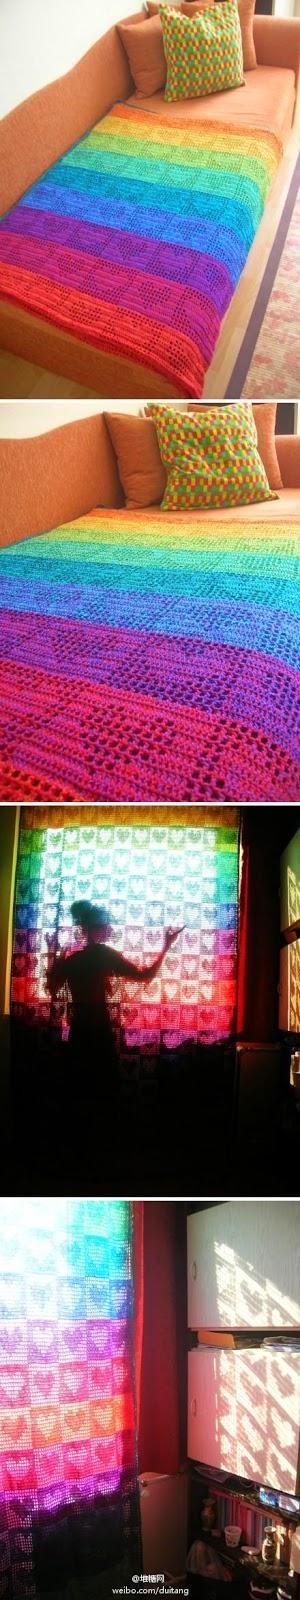 Idea: Decoramos con crochet filet aplicado a manta o cortina